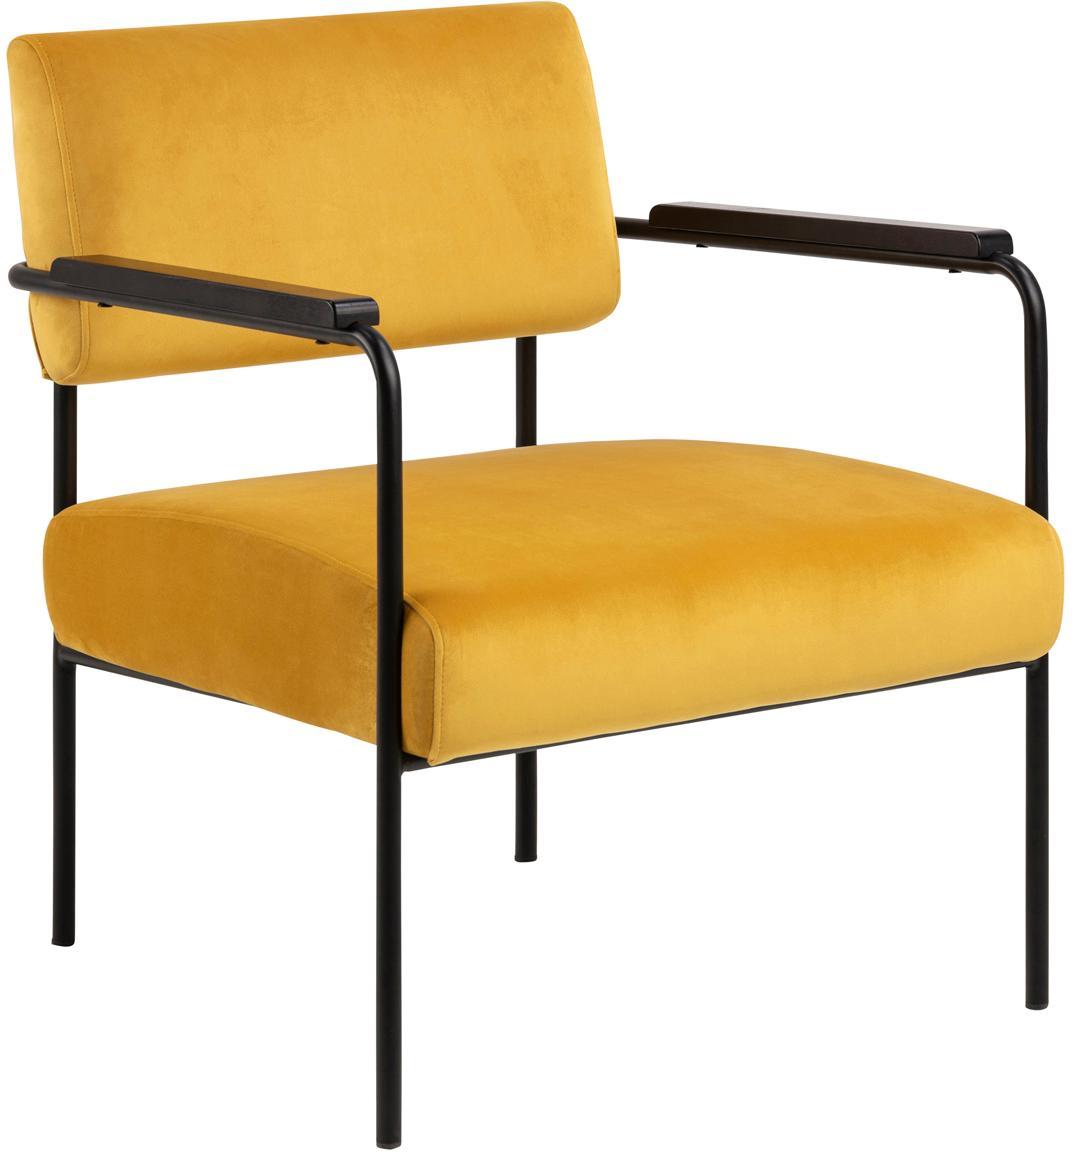 Sessel In Gelb Online Kaufen Der Eyecatcher Westwingnow